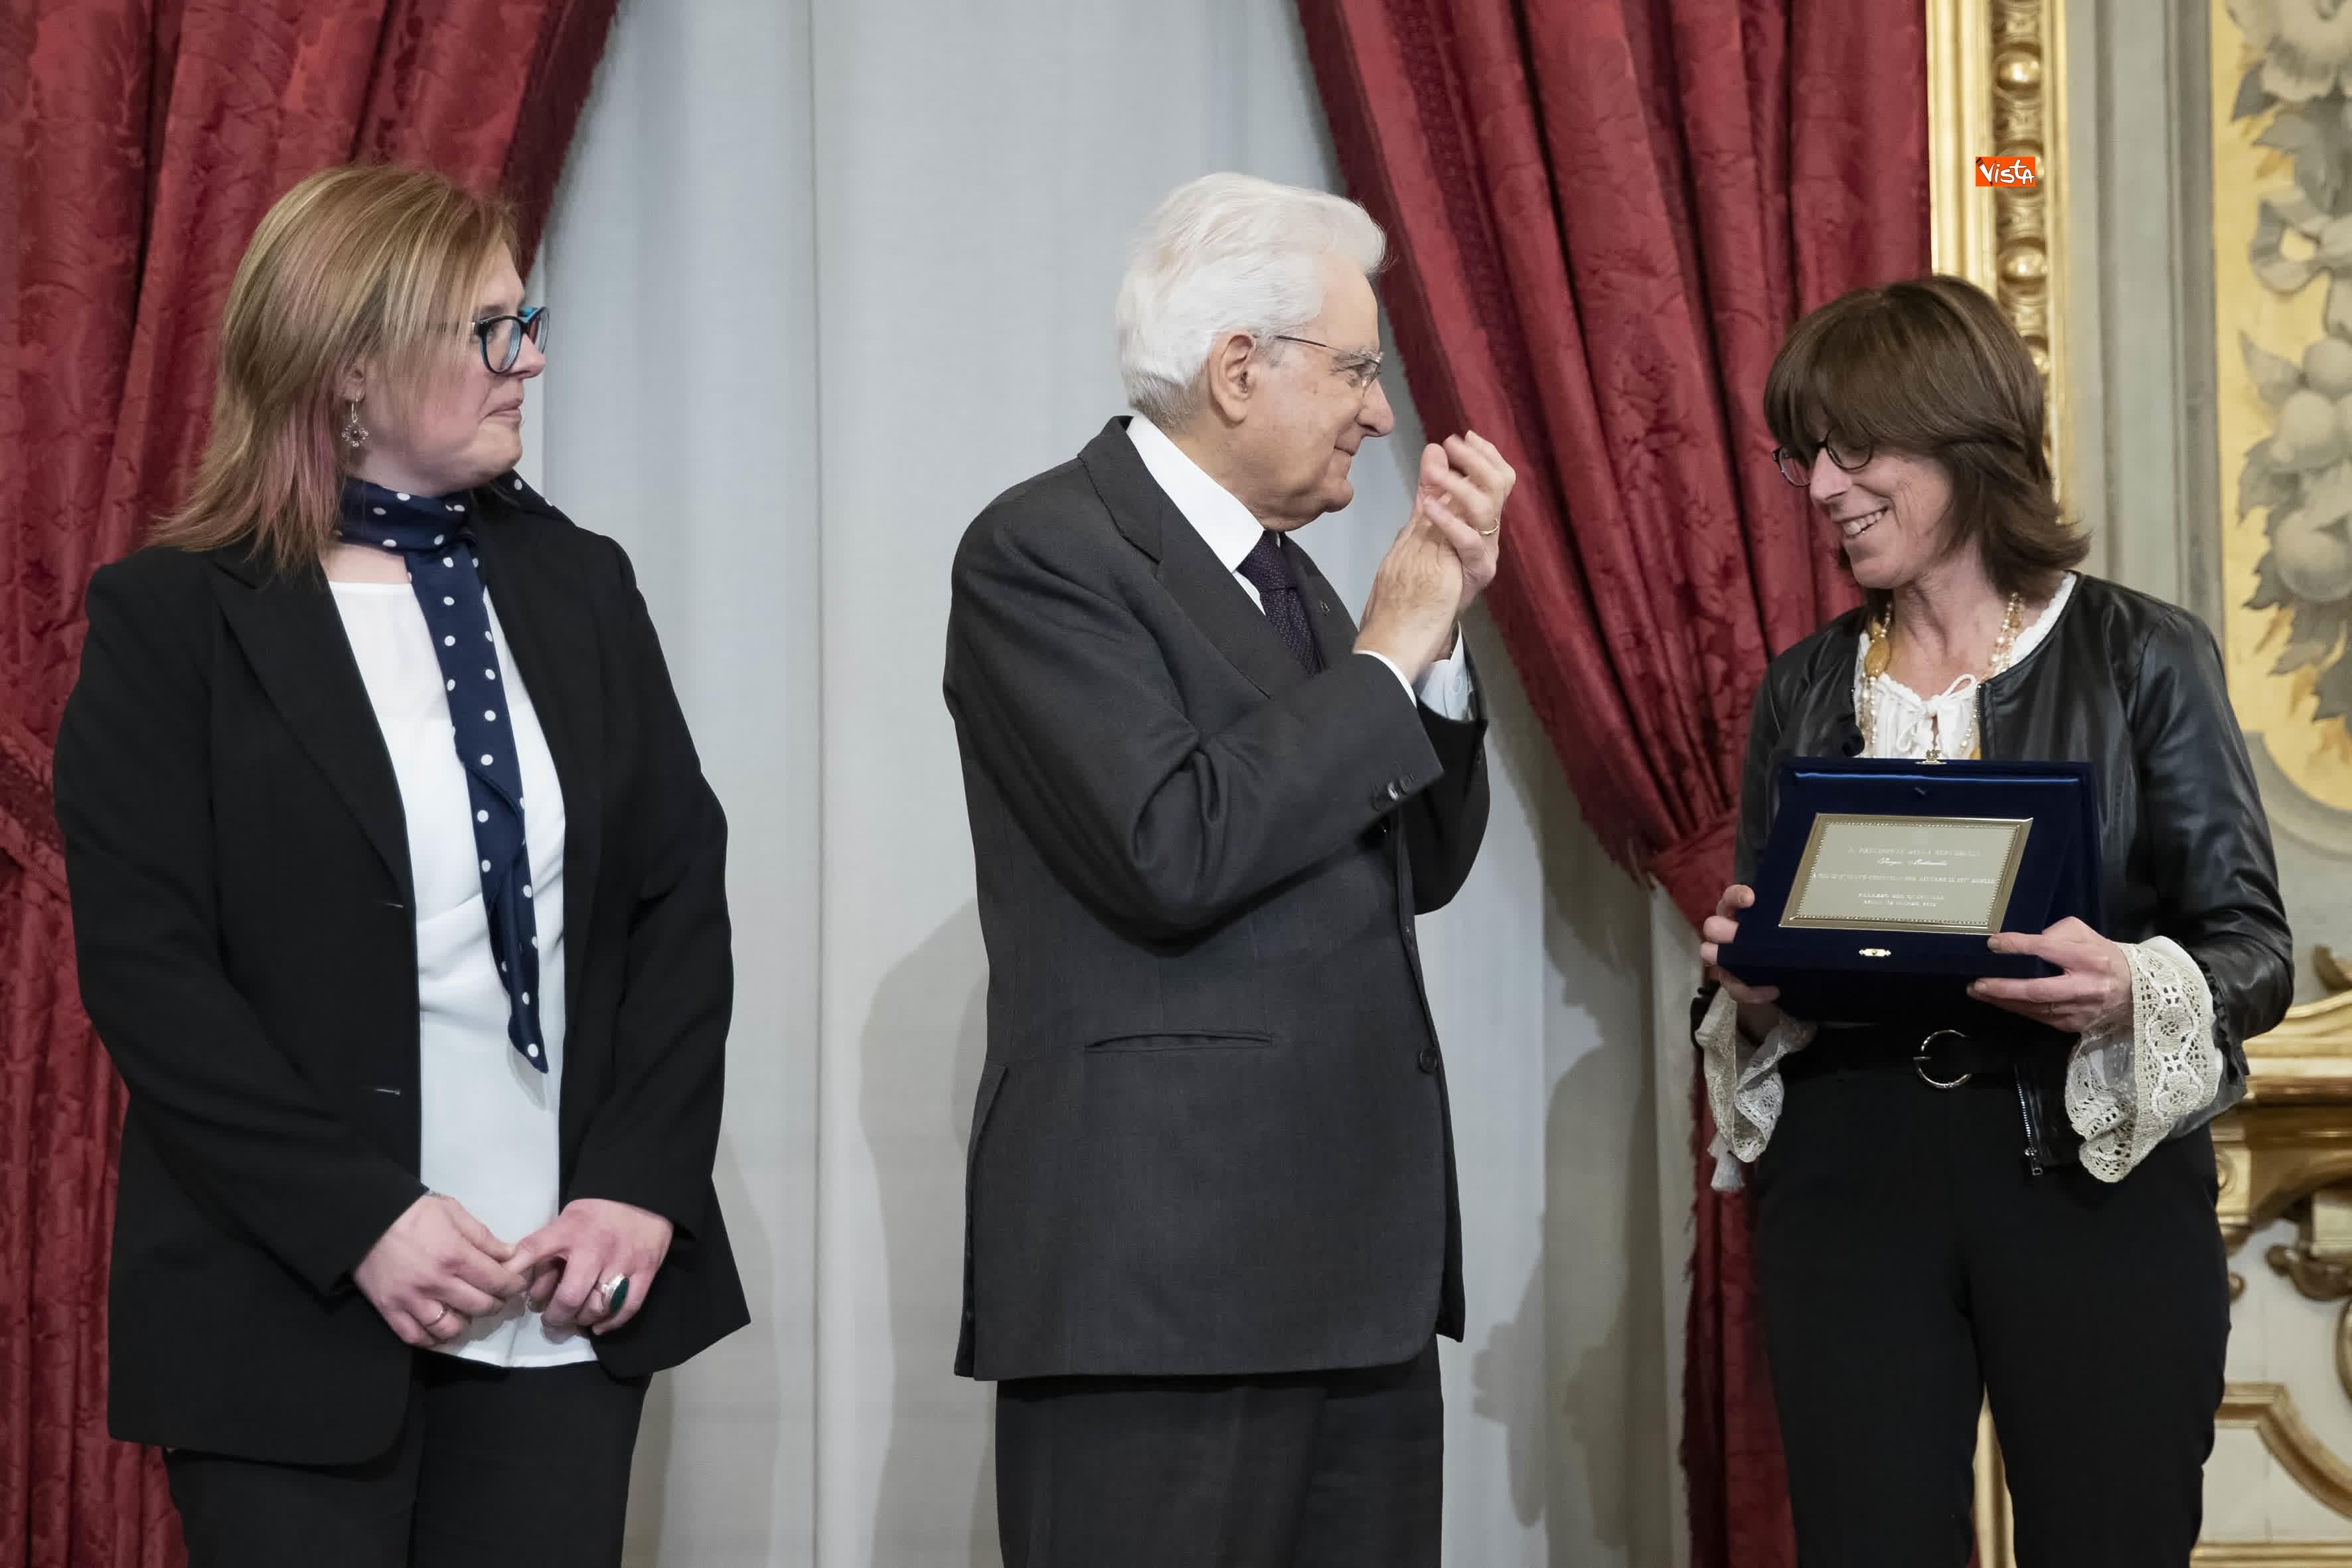 13-03-19 Mattarella consegna gli Attestati d Onore ai nuovi Alfieri della Repubblica, le immagini_25